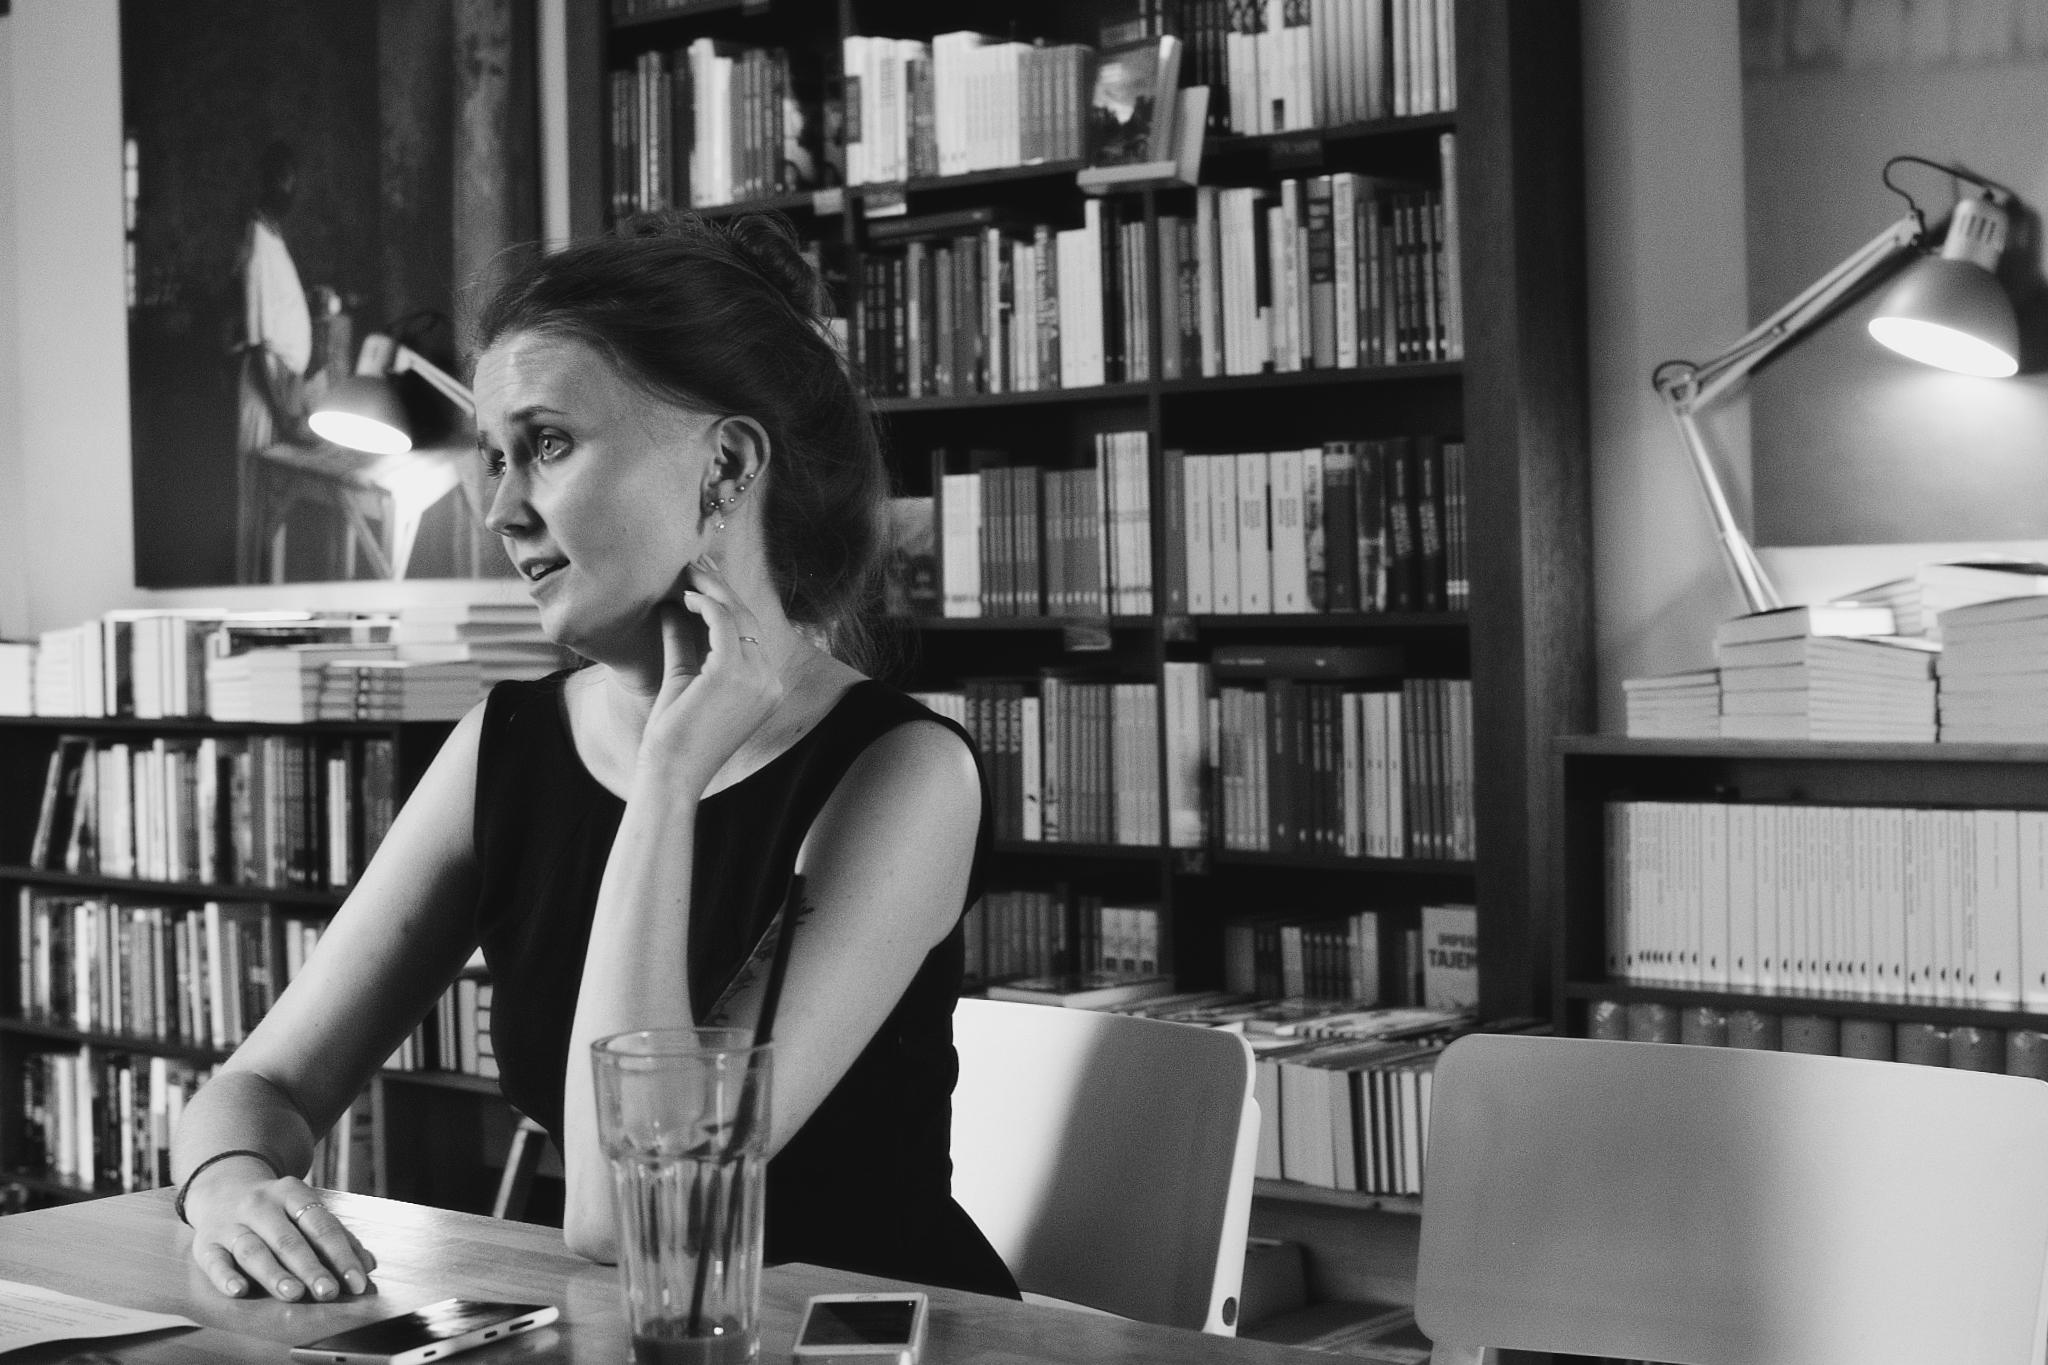 Julianna Jonek, Dowody na Istnienie: Reportaż jest jak obsesja. Praca non stop, bez oddechu, bez wytchnienia [WYWIAD]